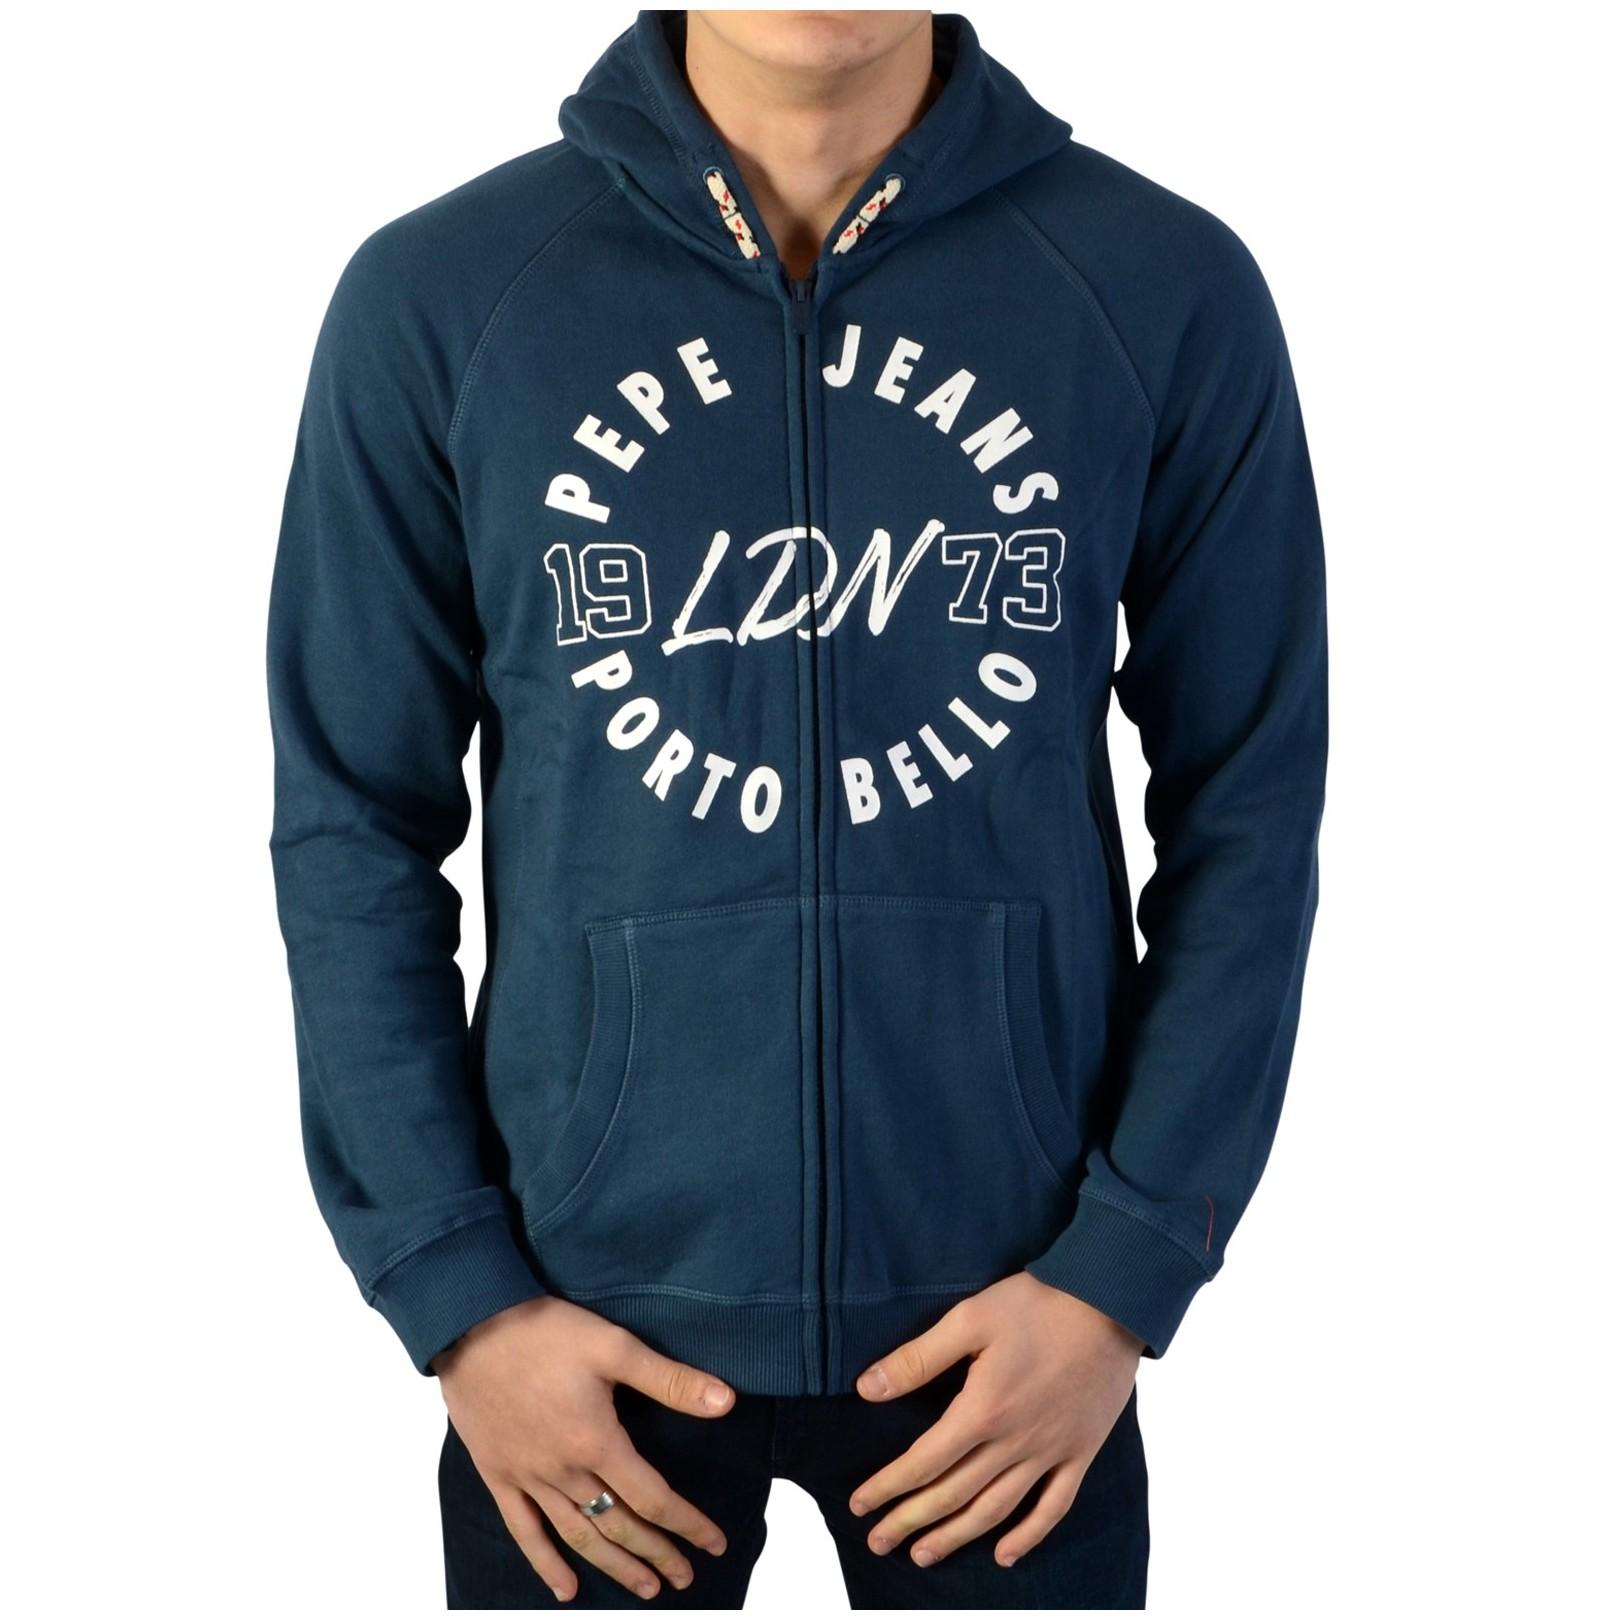 Sweatshirt à capuche Enfant Pepe Jeans RIS JR